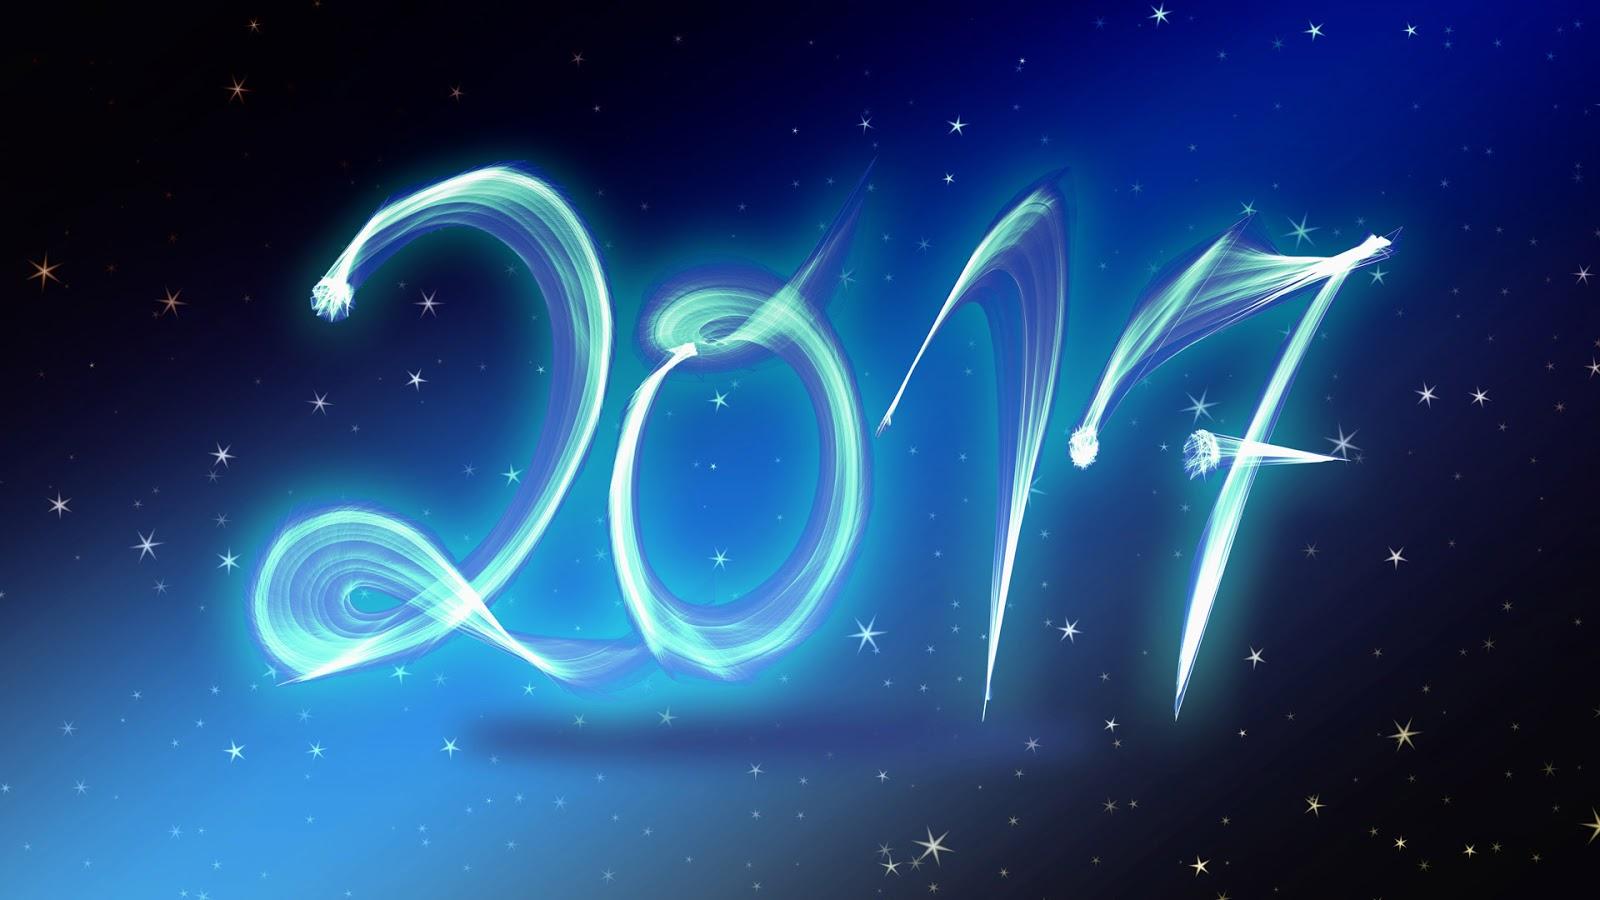 Hình nền tết 2017 đẹp chào đón năm mới - hình 05